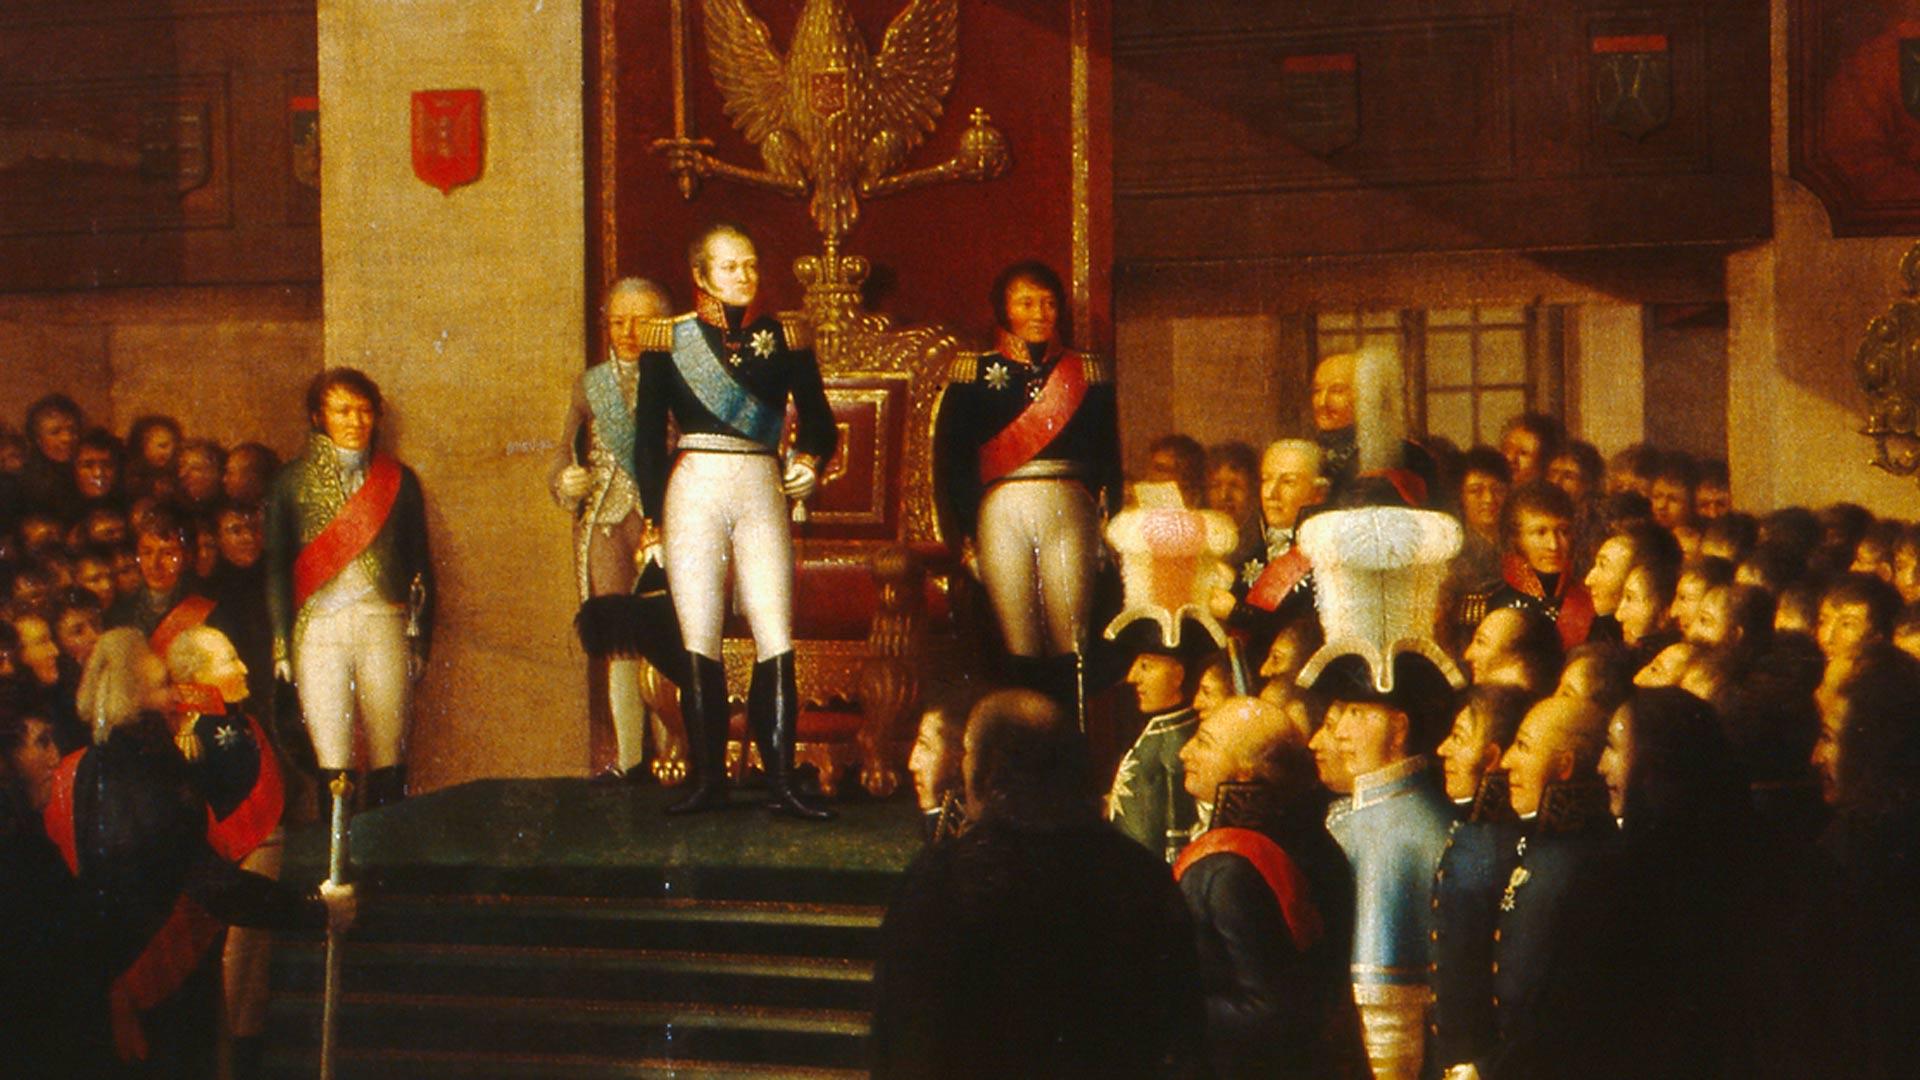 Kuvahaun tulos haulle Emanuel Thelning 1812